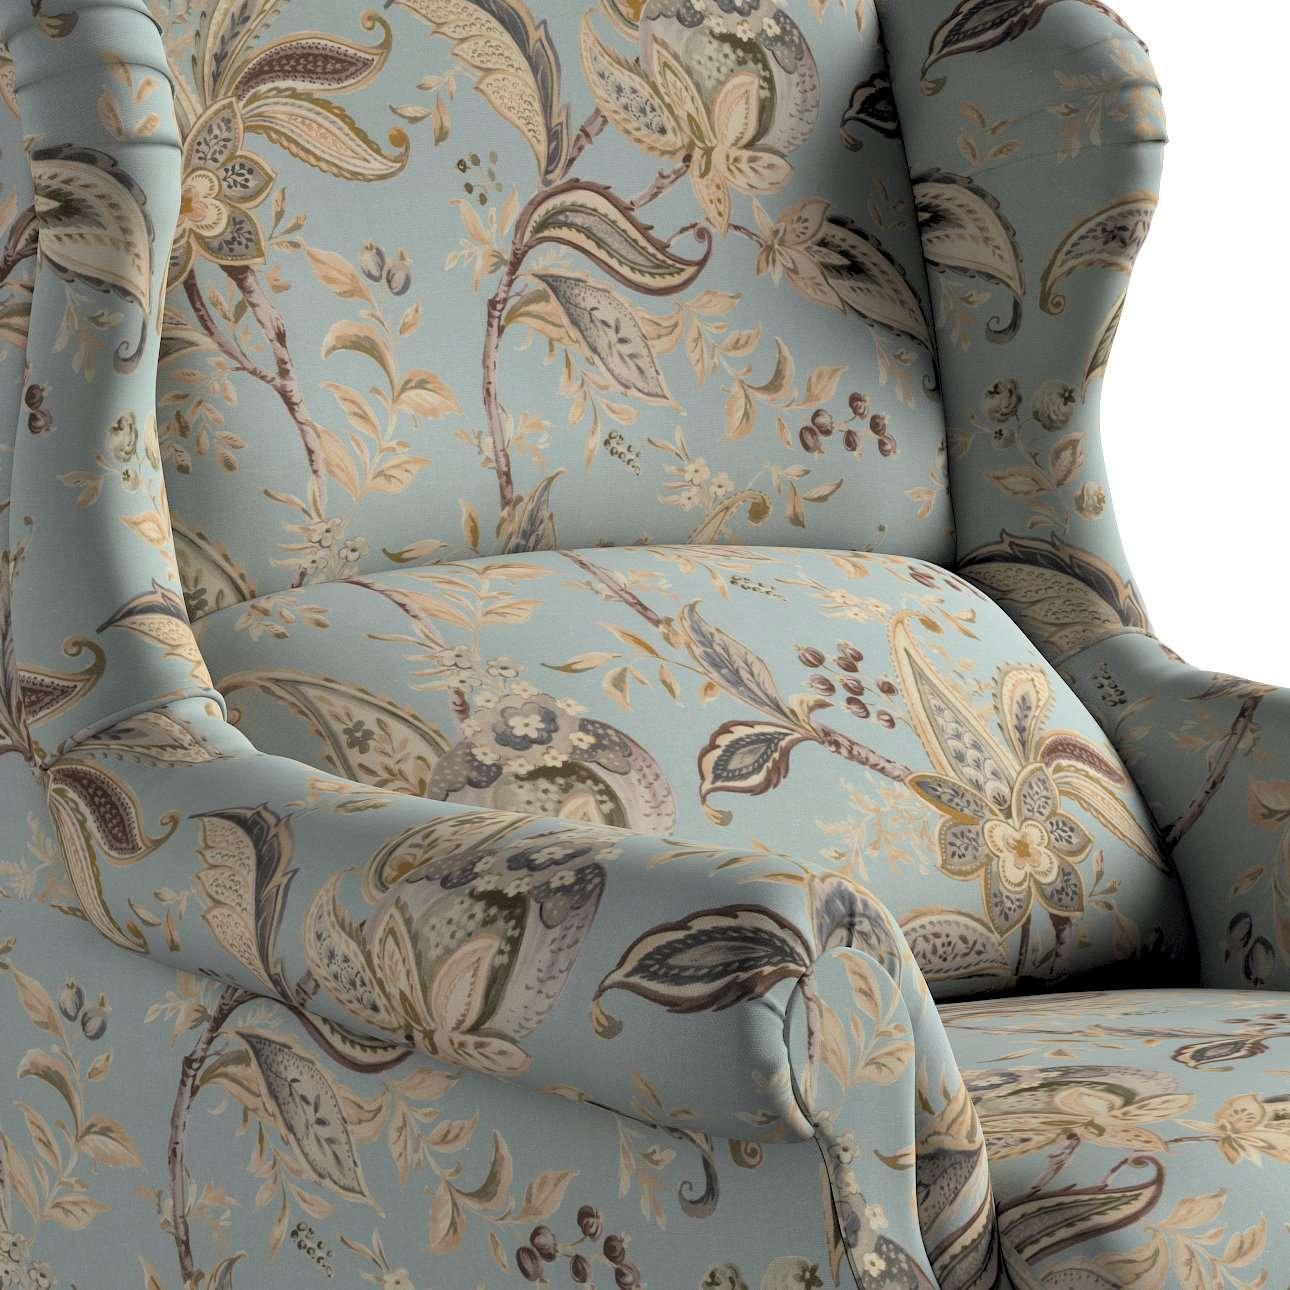 Kreslo čalúnené, ručne vyrábané V kolekcii Gardenia, tkanina: 142-18